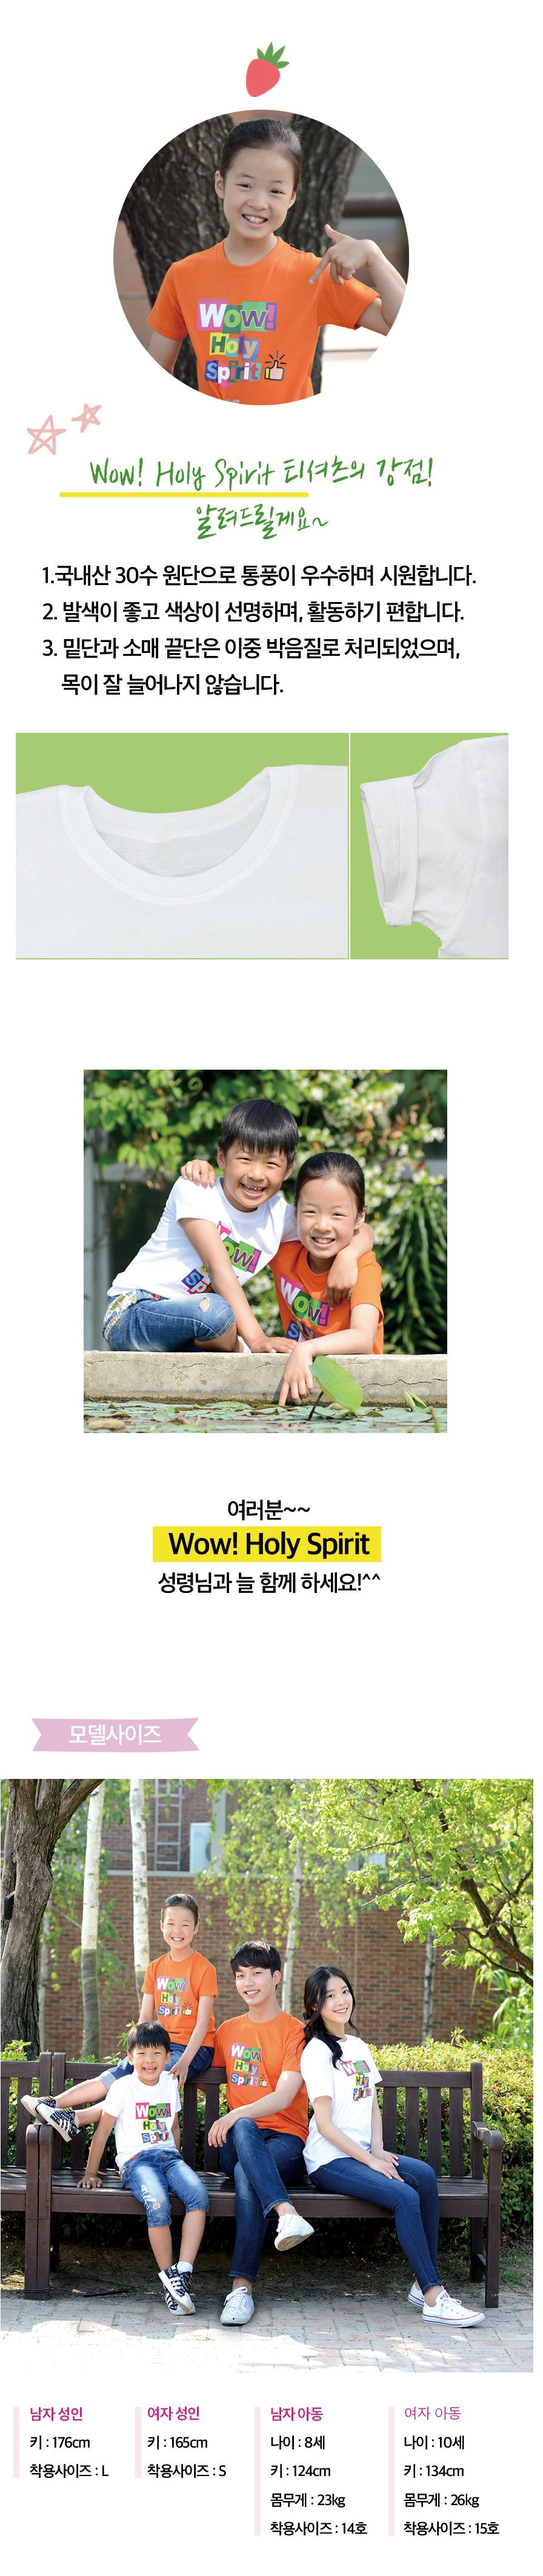 교회단체티  Wow Holy Spirit 와우 우리성령님 강점, 모델사이즈